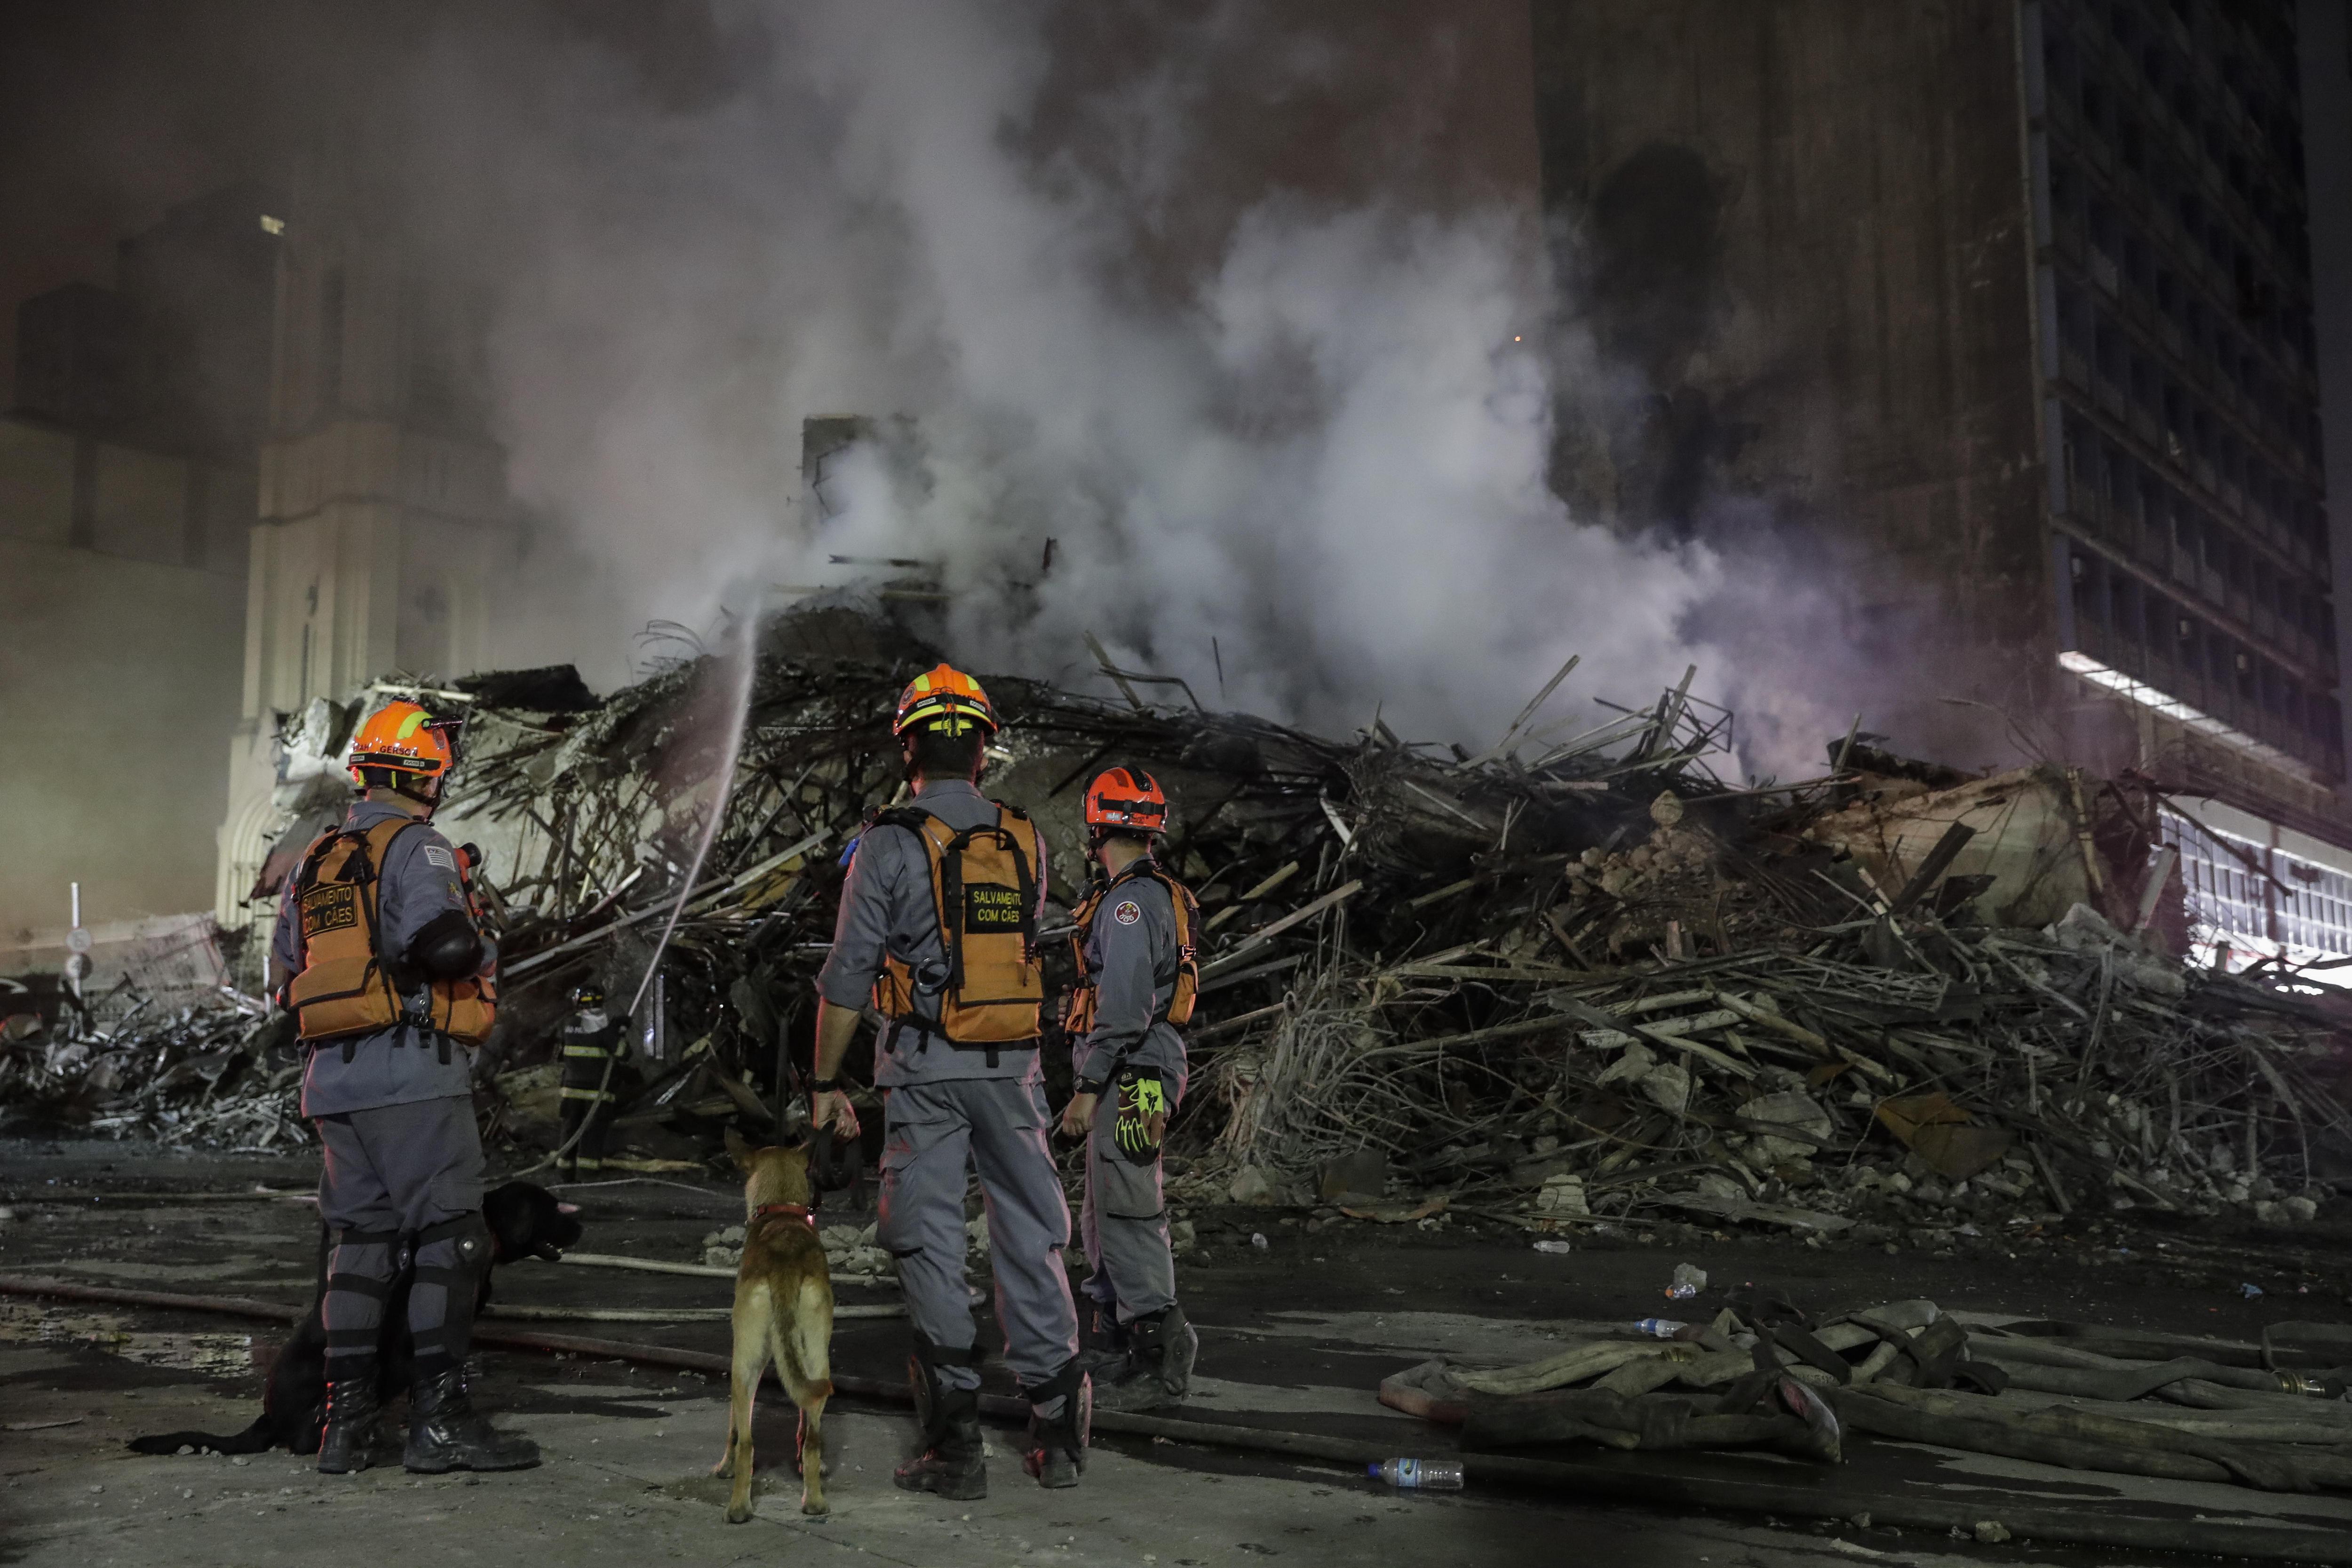 Almenys un mort en l'esfondrament d'un edifici incendiat a Sao Paulo. /S. MOREIRA